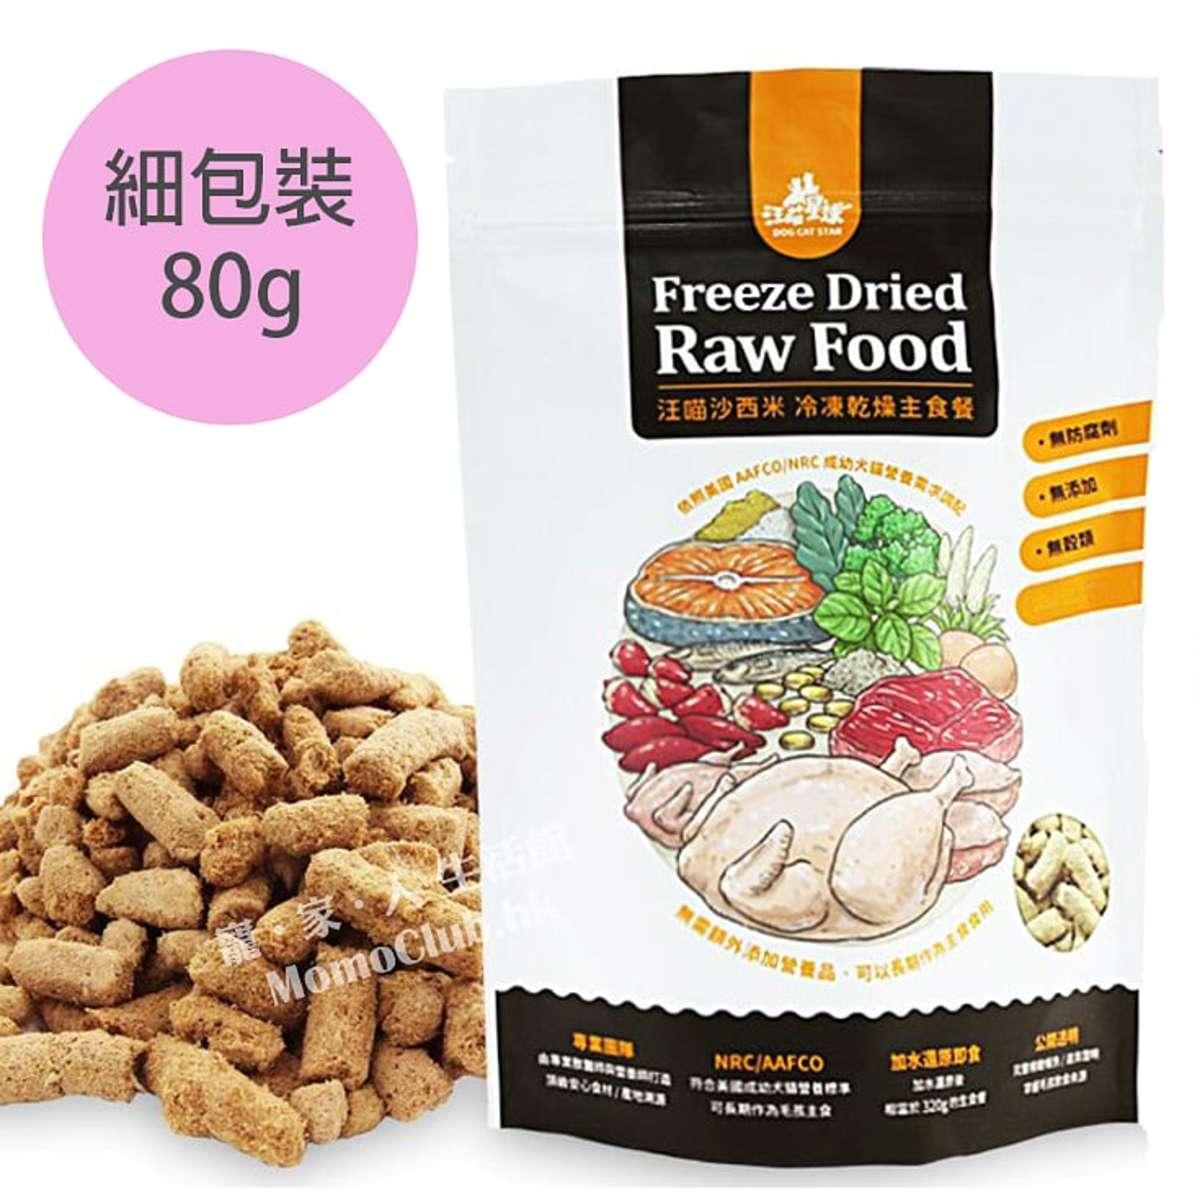 貓咪冷凍乾燥生食餐 (鮭魚雞肉) 80g